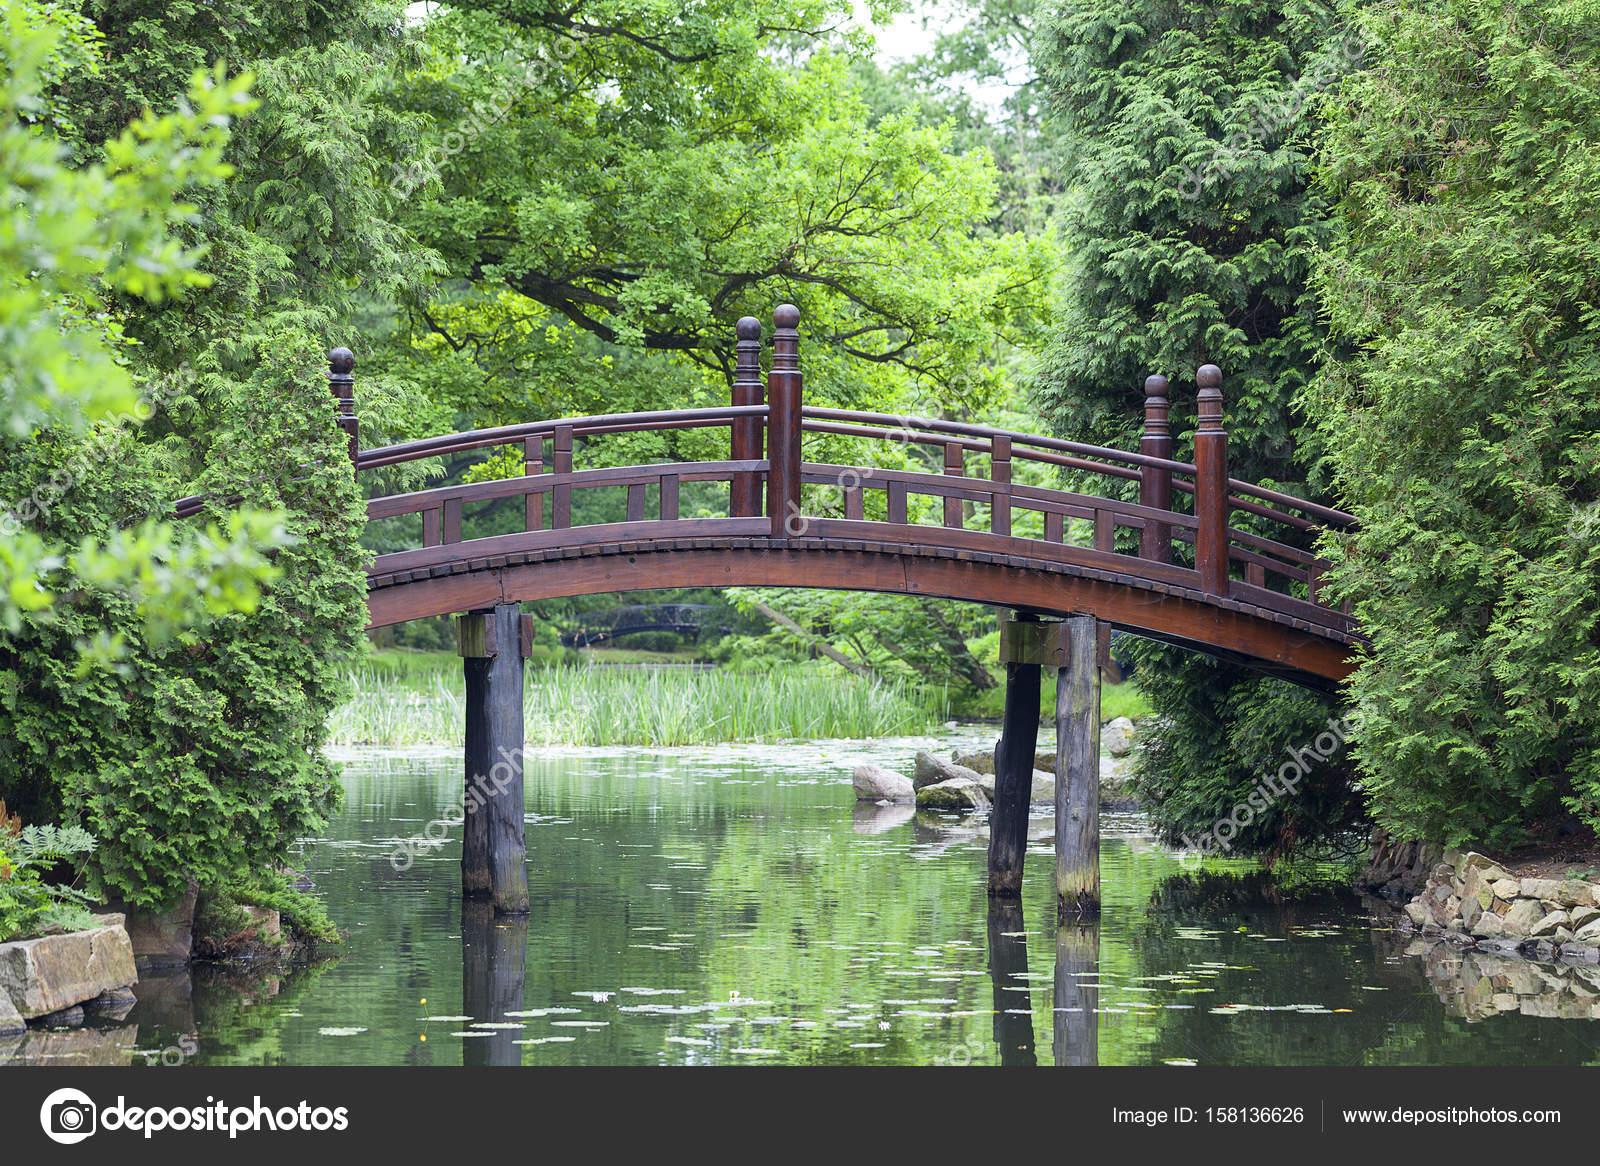 Jardin japonais plantes exotiques wroclaw pologne photographie mychadre77 158136626 - Plantes jardin japonais ...